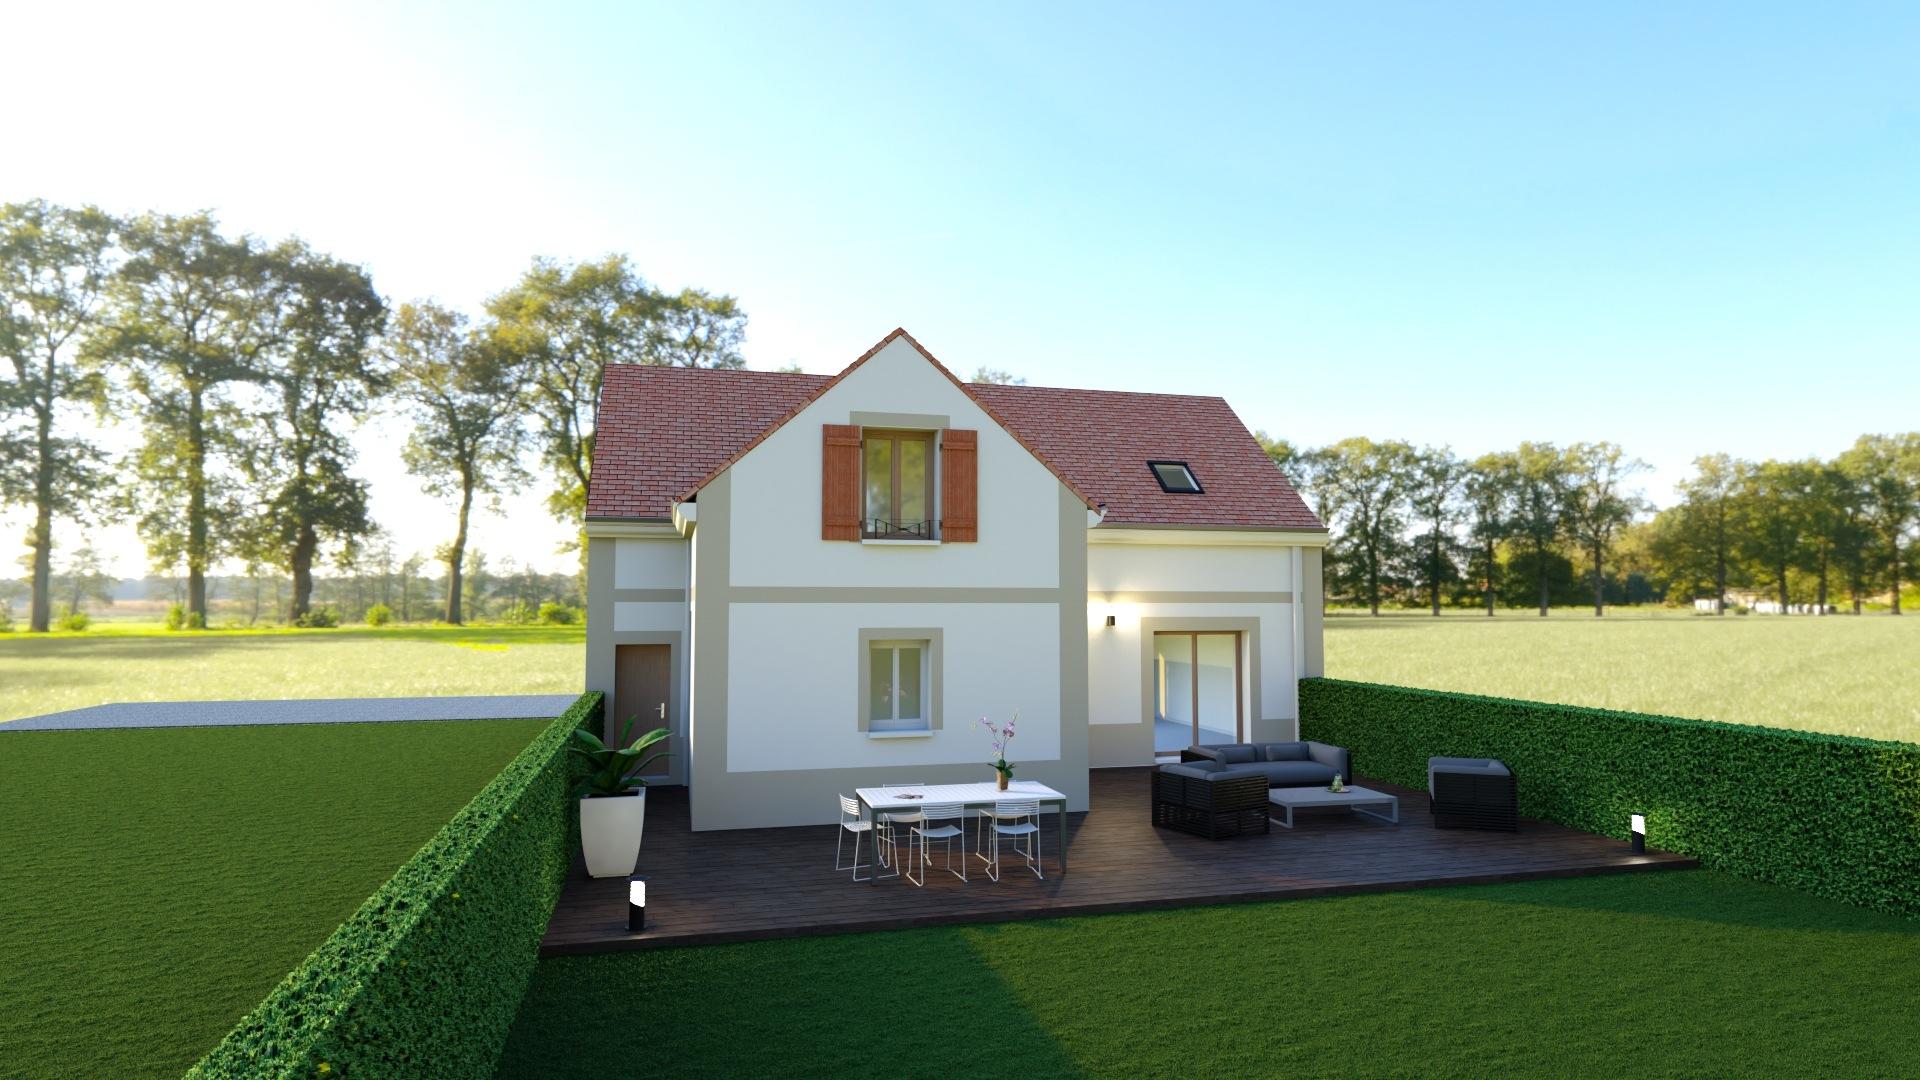 Maisons + Terrains du constructeur Les maisons Lelievre • 131 m² • MARINES